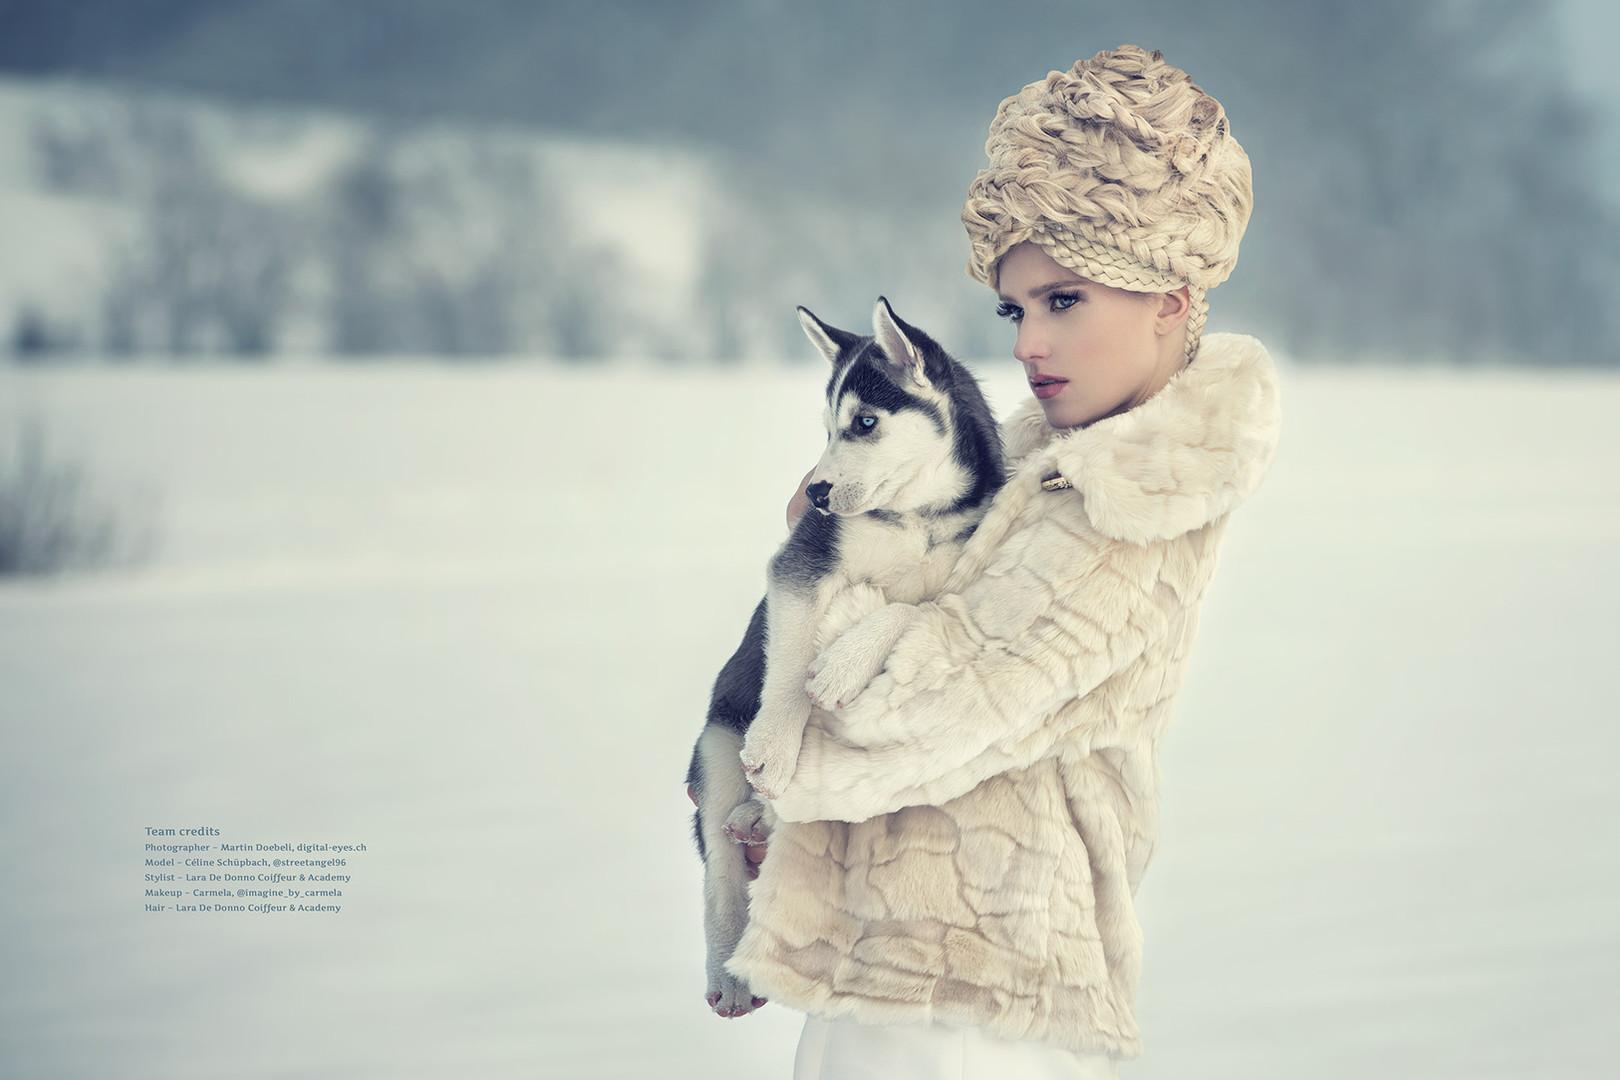 Lara_De_Donno_Beautyshooting_Husky_6.jpg